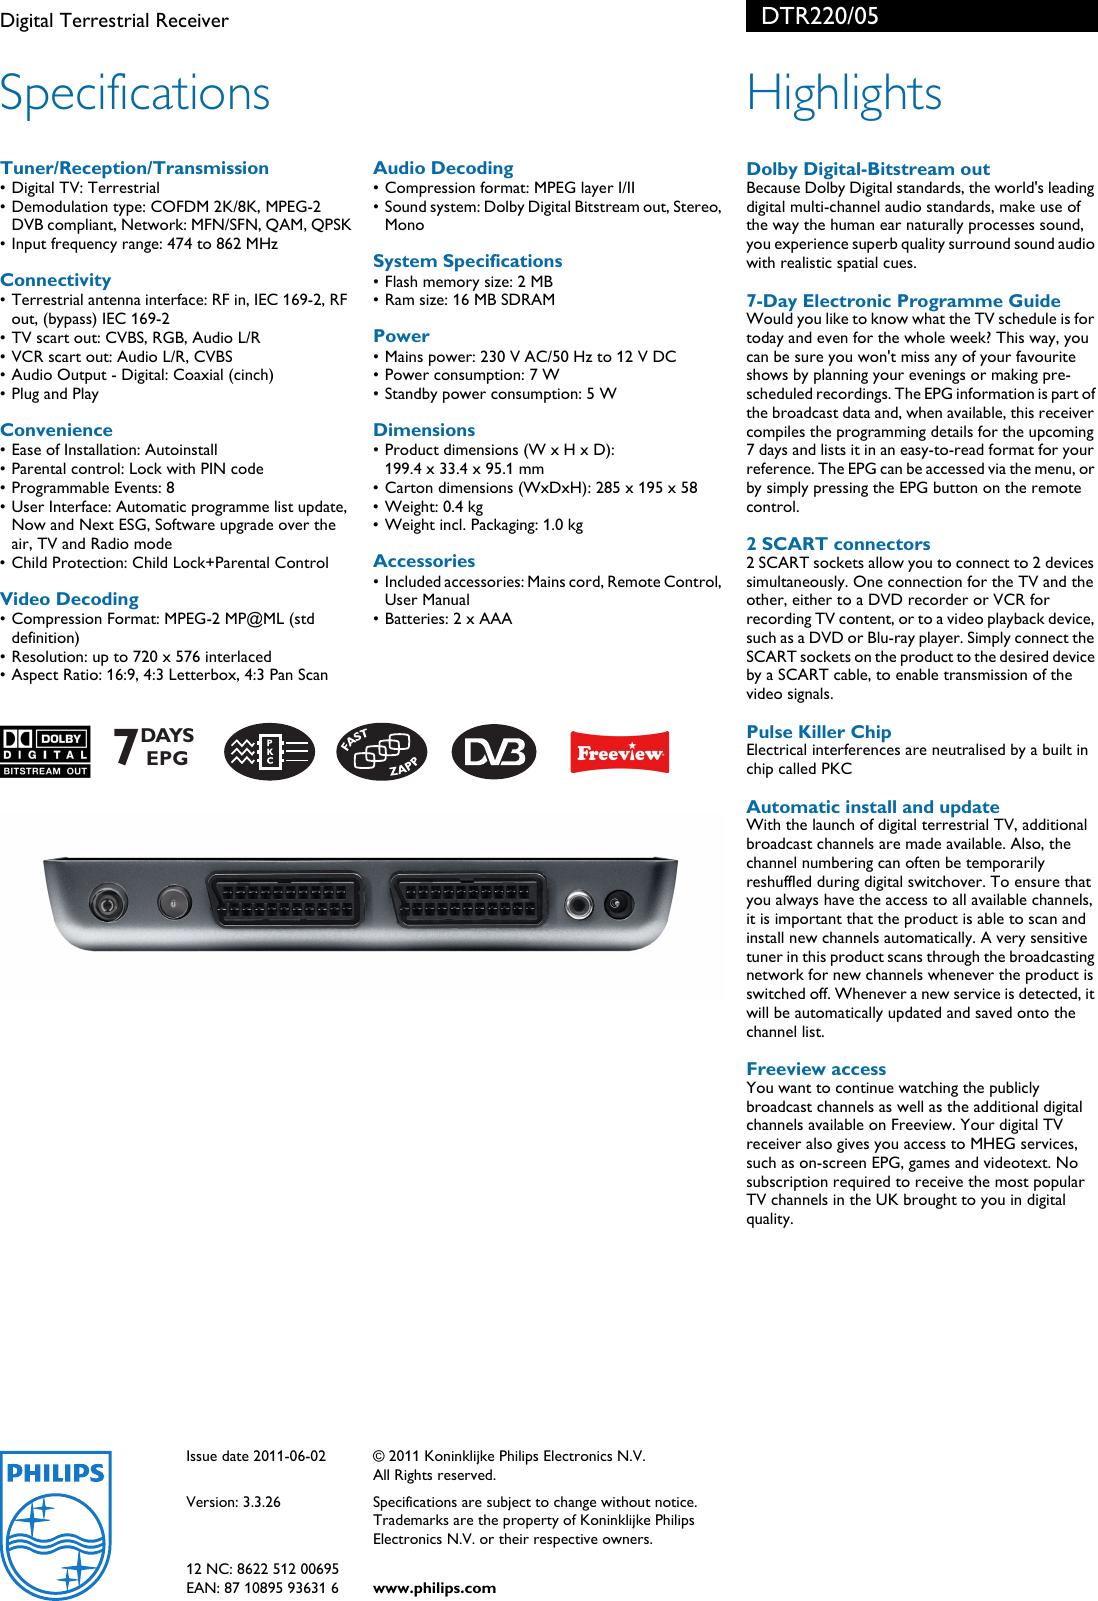 Philips DTR220/05 Digital Terrestrial Receiver User Manual Leaflet